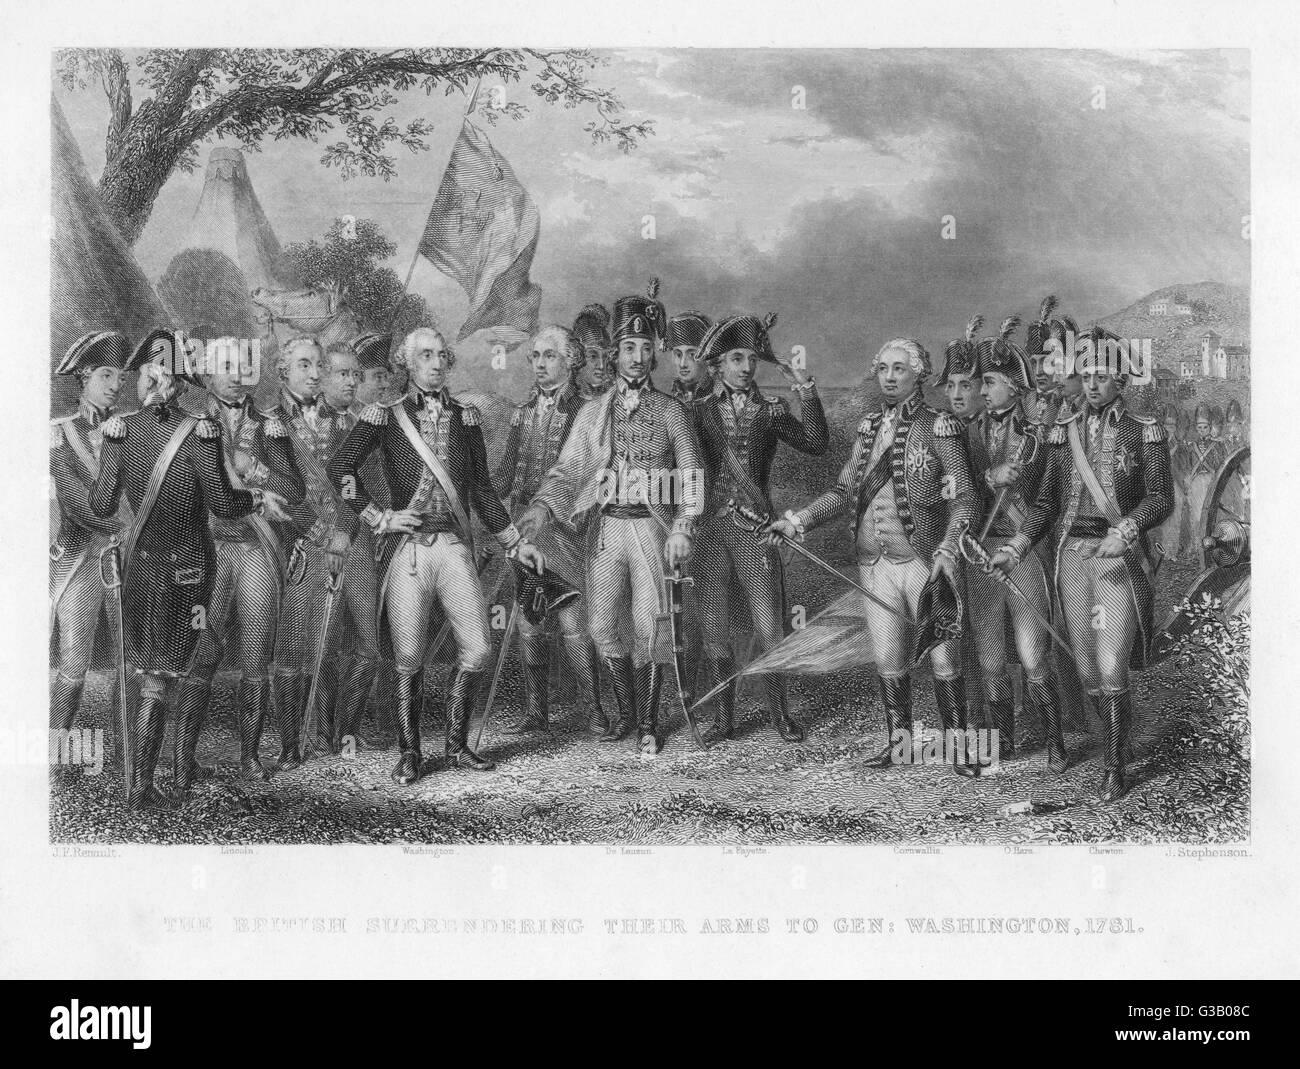 Die Briten übergeben ihre Waffen an die amerikanische Armee in Yorktown; Prominente Persönlichkeiten gezeigt Stockbild